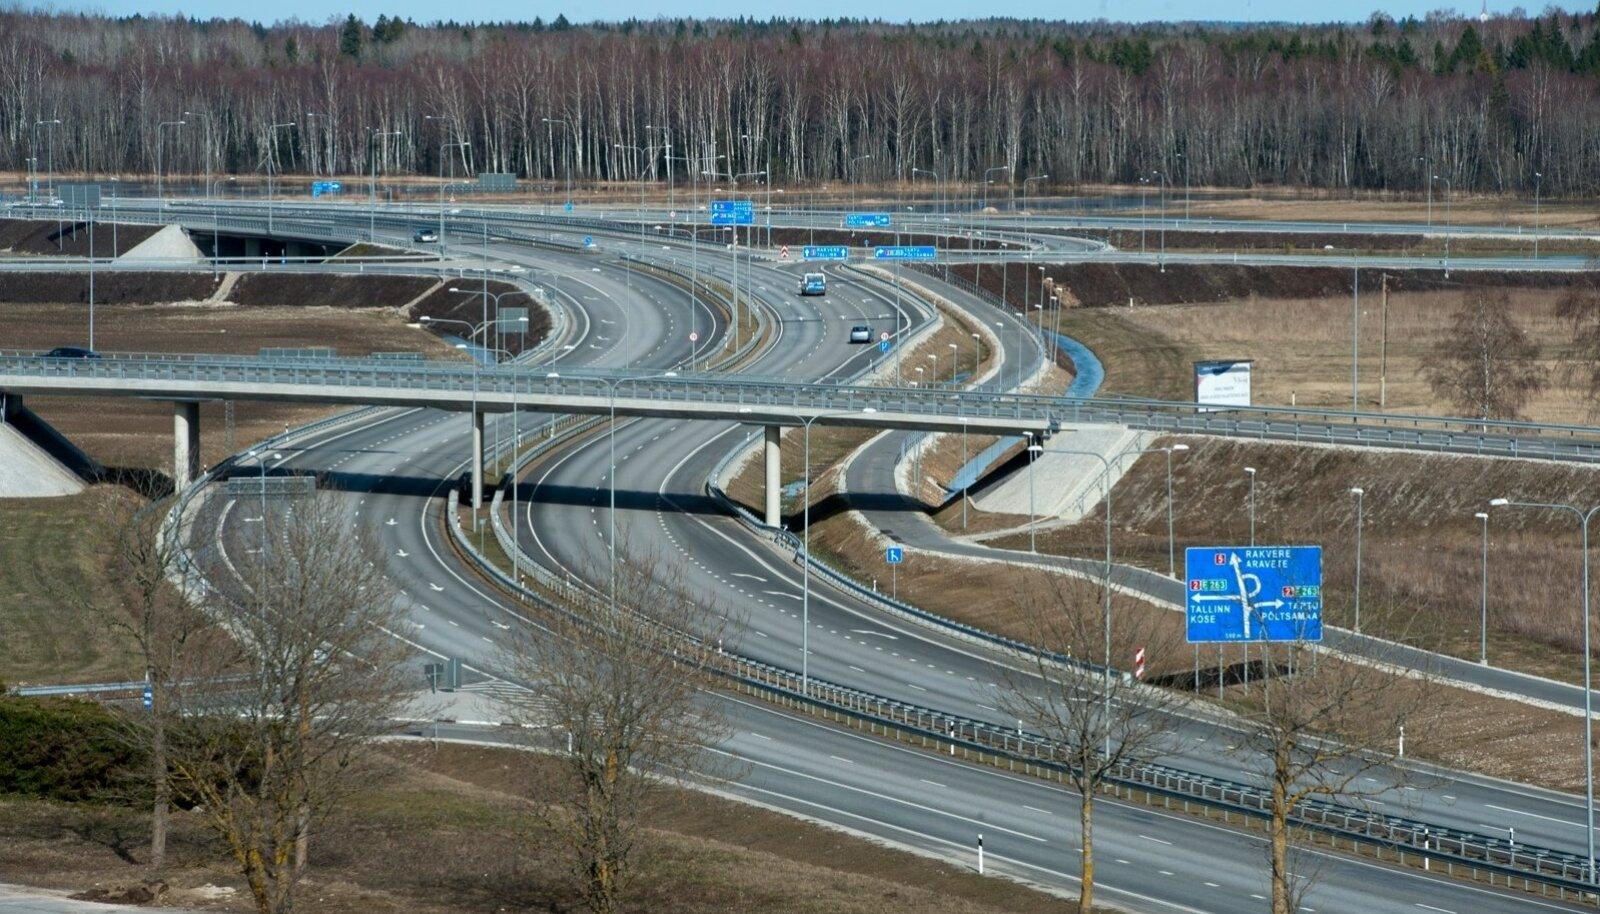 Eesti 2 + 2 teed, nagu Mäo ümbersõit, on turvalisemad, kuid nende ehitamine on kallis.